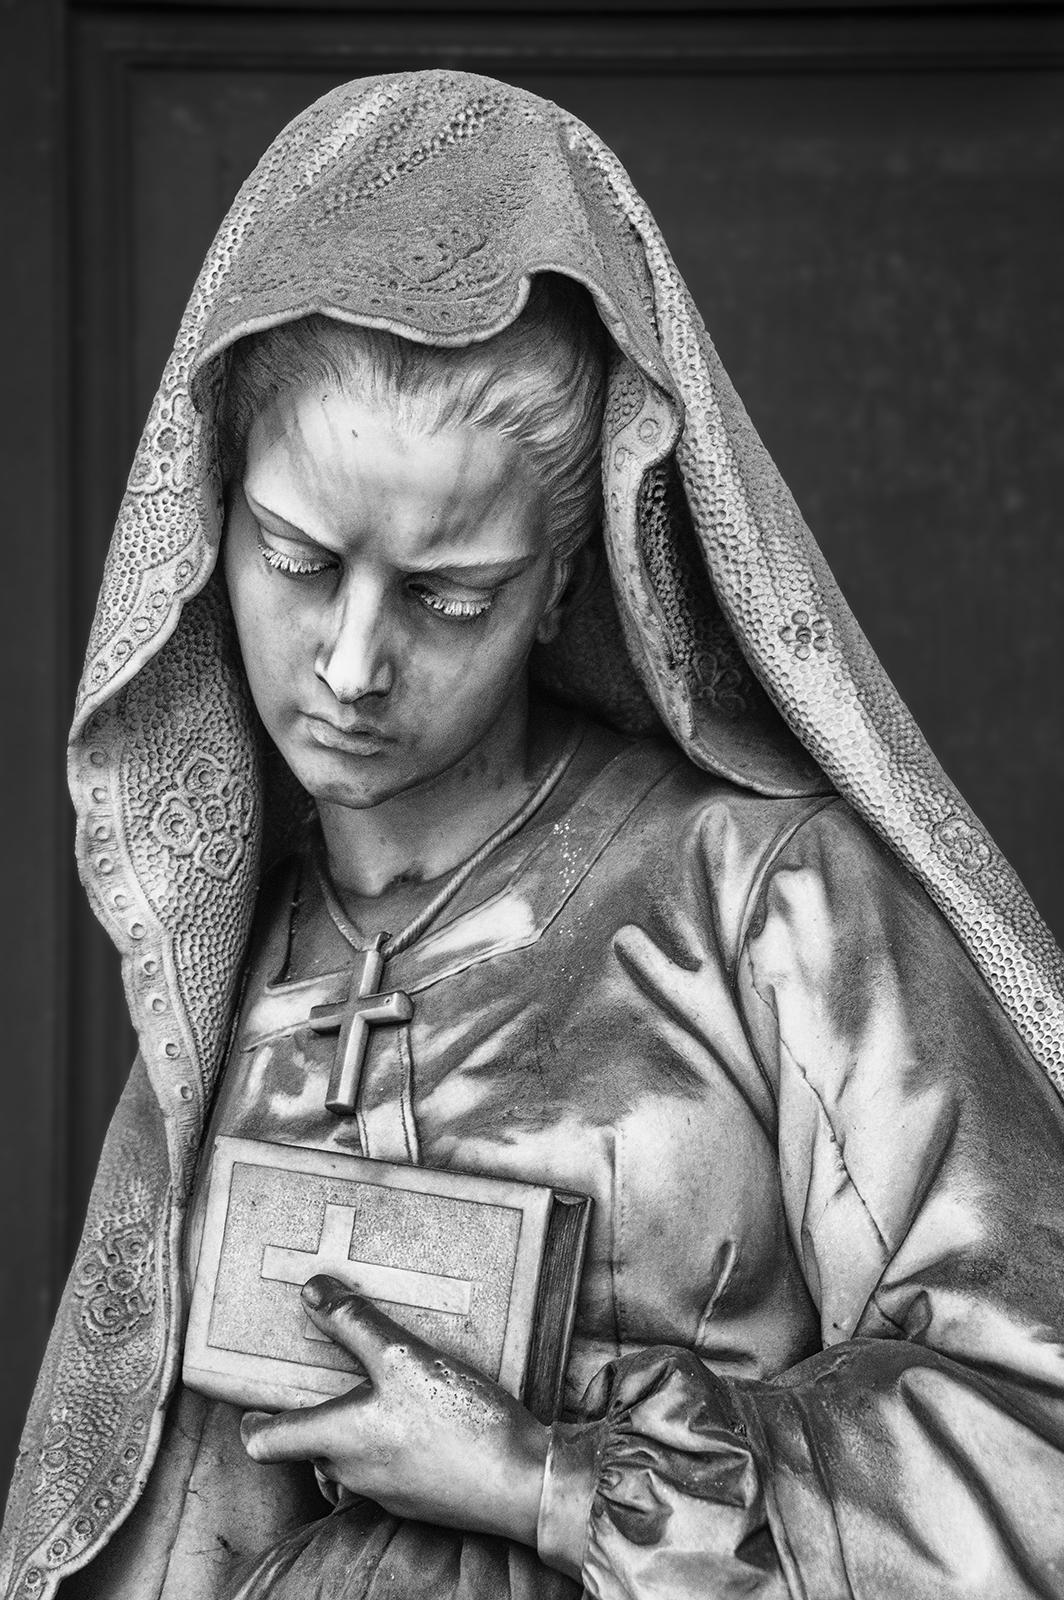 17-T. Piaggio(II)...la vedova esce dal sepolcro...notare la perfezione dei dettagli